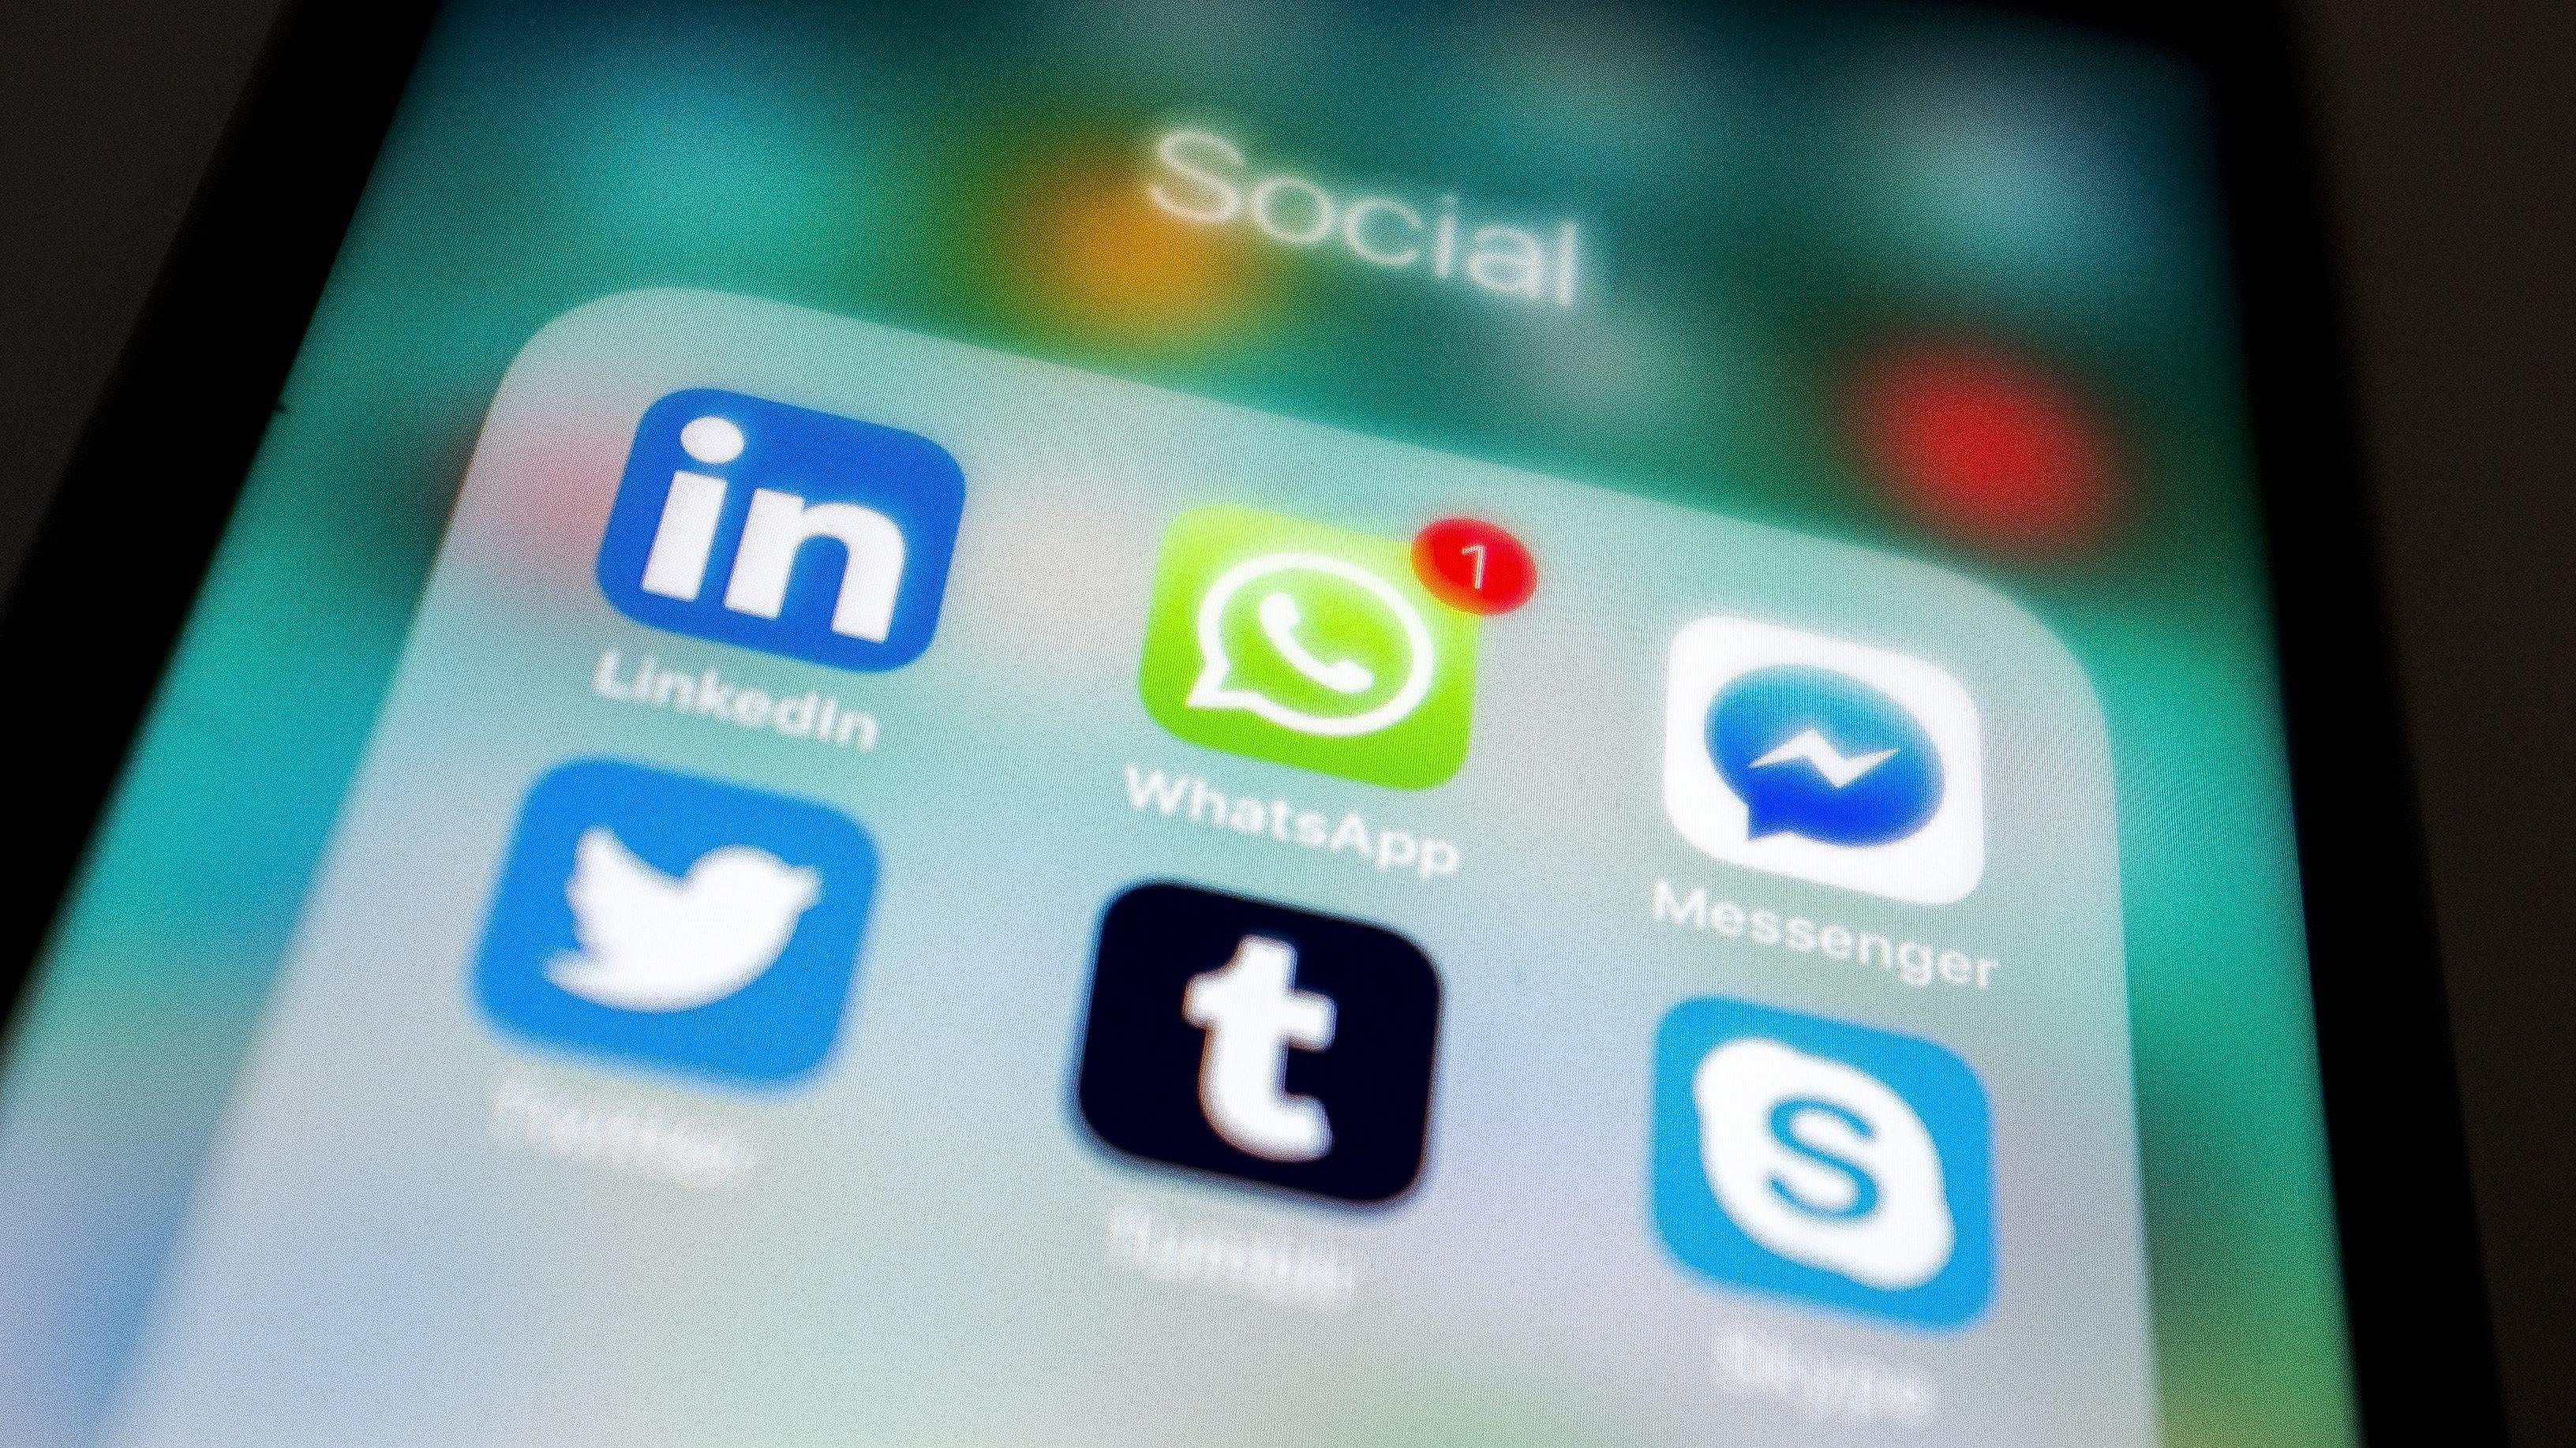 Symbolbild: Chat-Apps auf einem Mobiltelefon